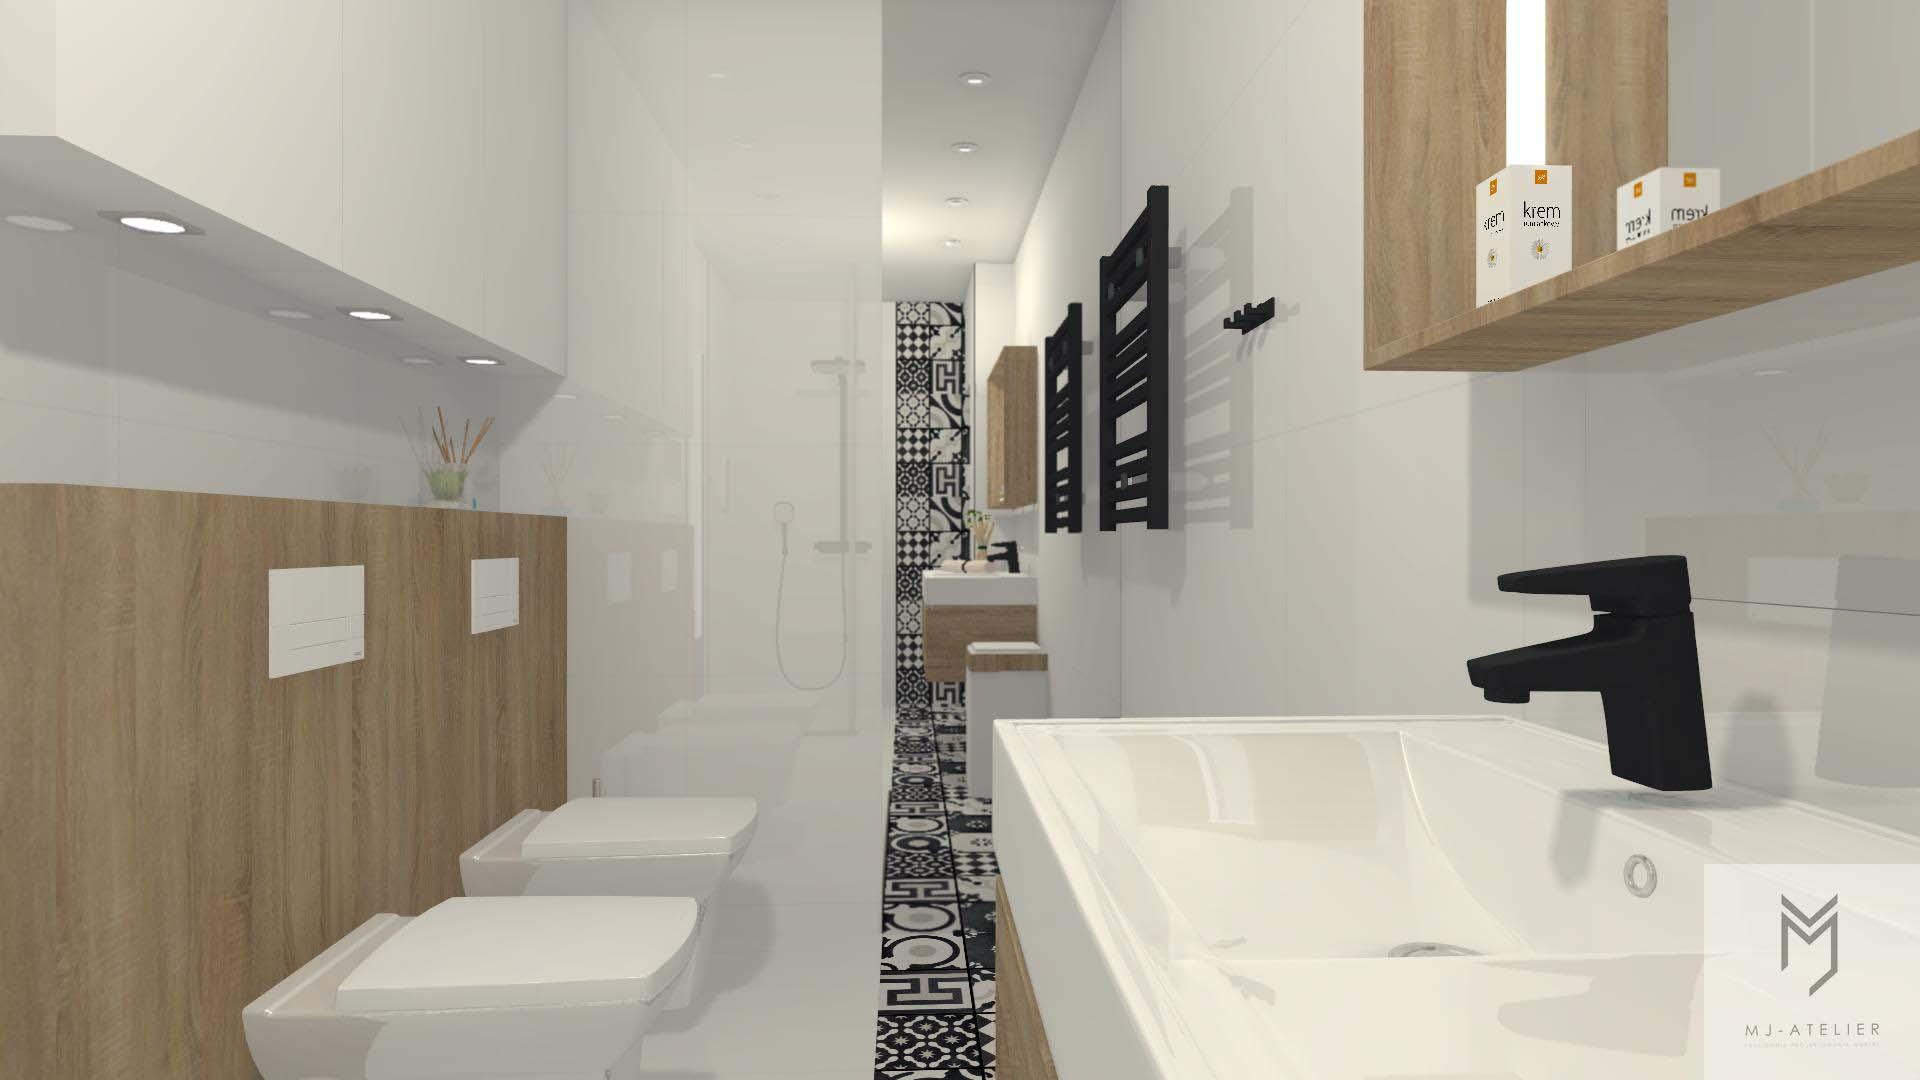 łazienka W Brązach I Bieli Mj Atelier Bydgoszcz I Toruń